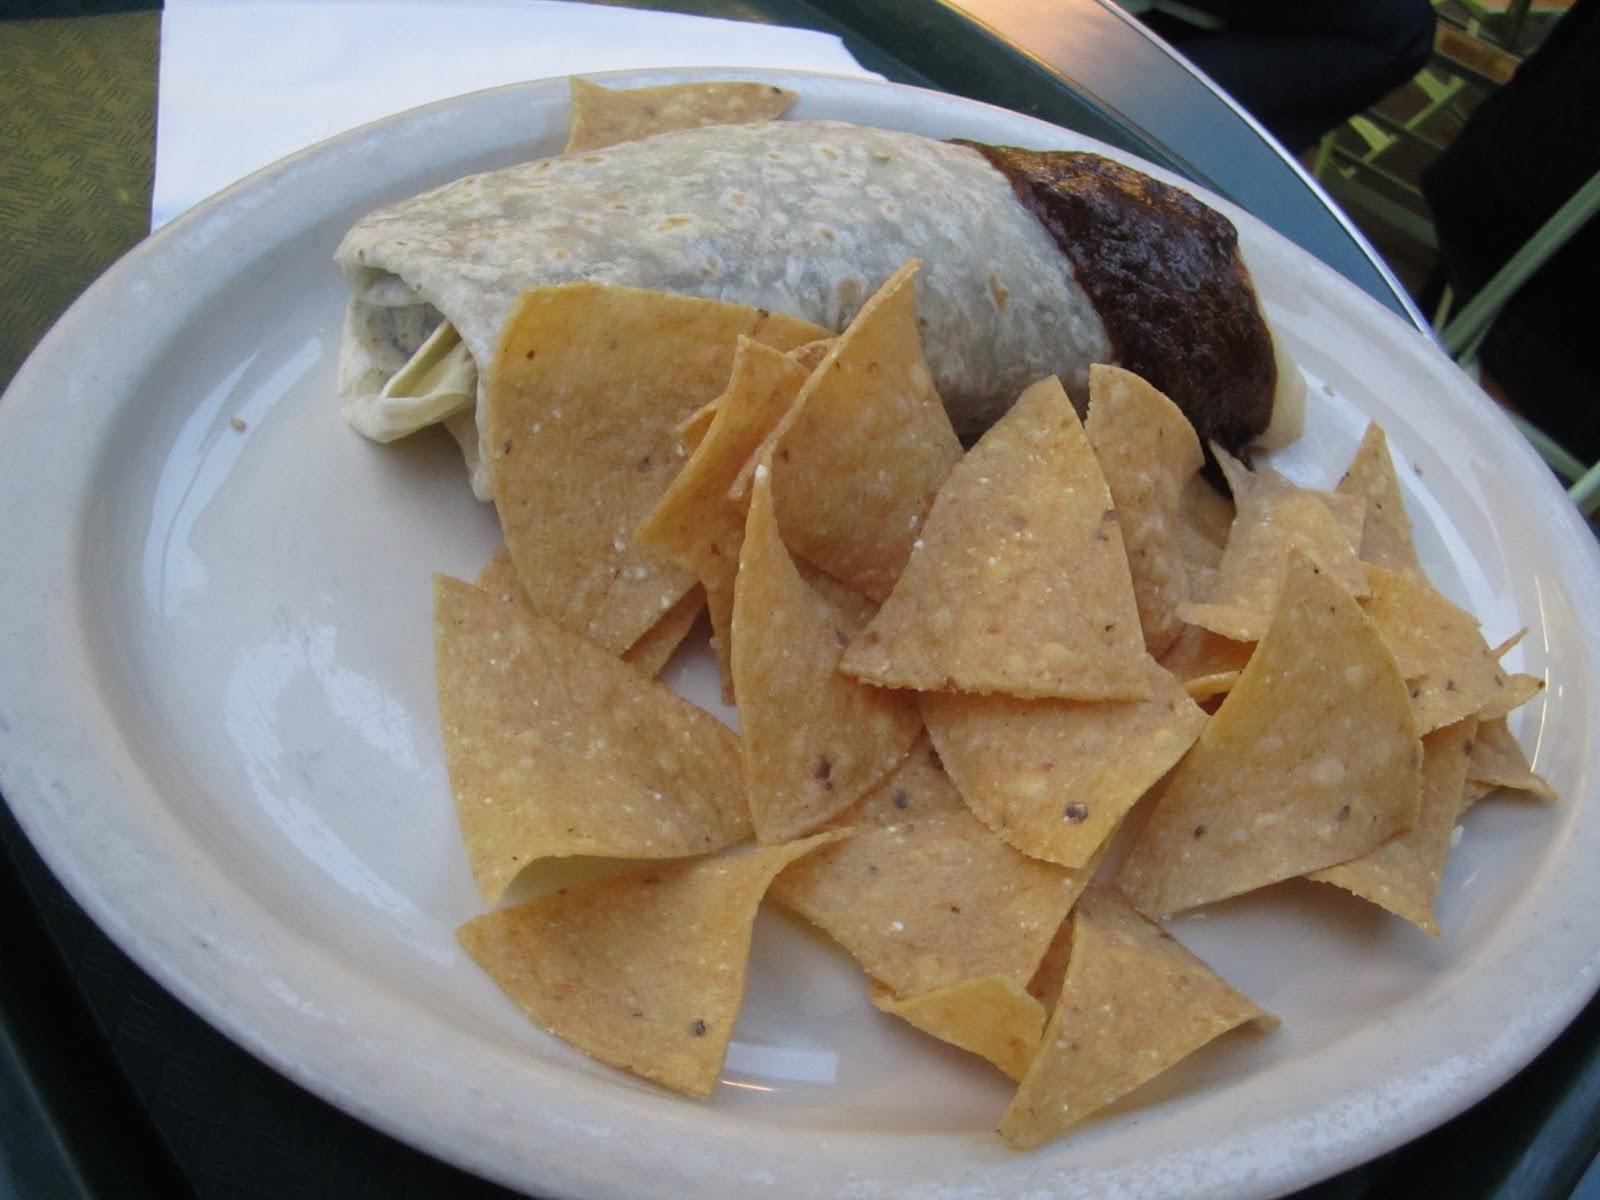 Comida francesa comiendo en la ciudad for Lista de comidas francesas